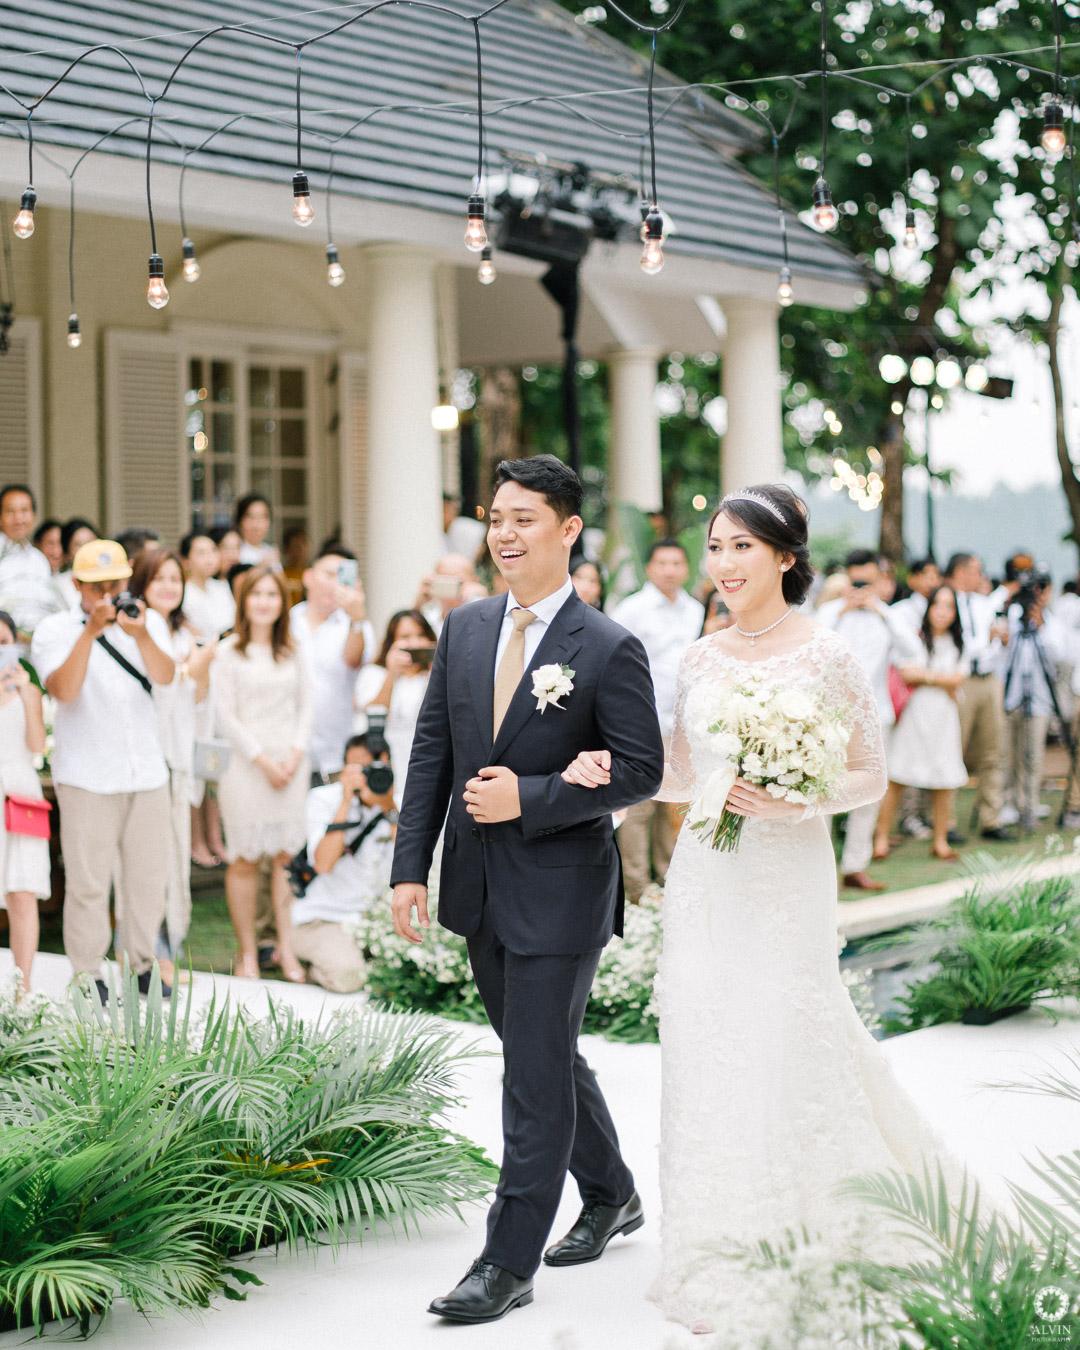 DSCF1077 : Dinda & Gonzaga Wedding